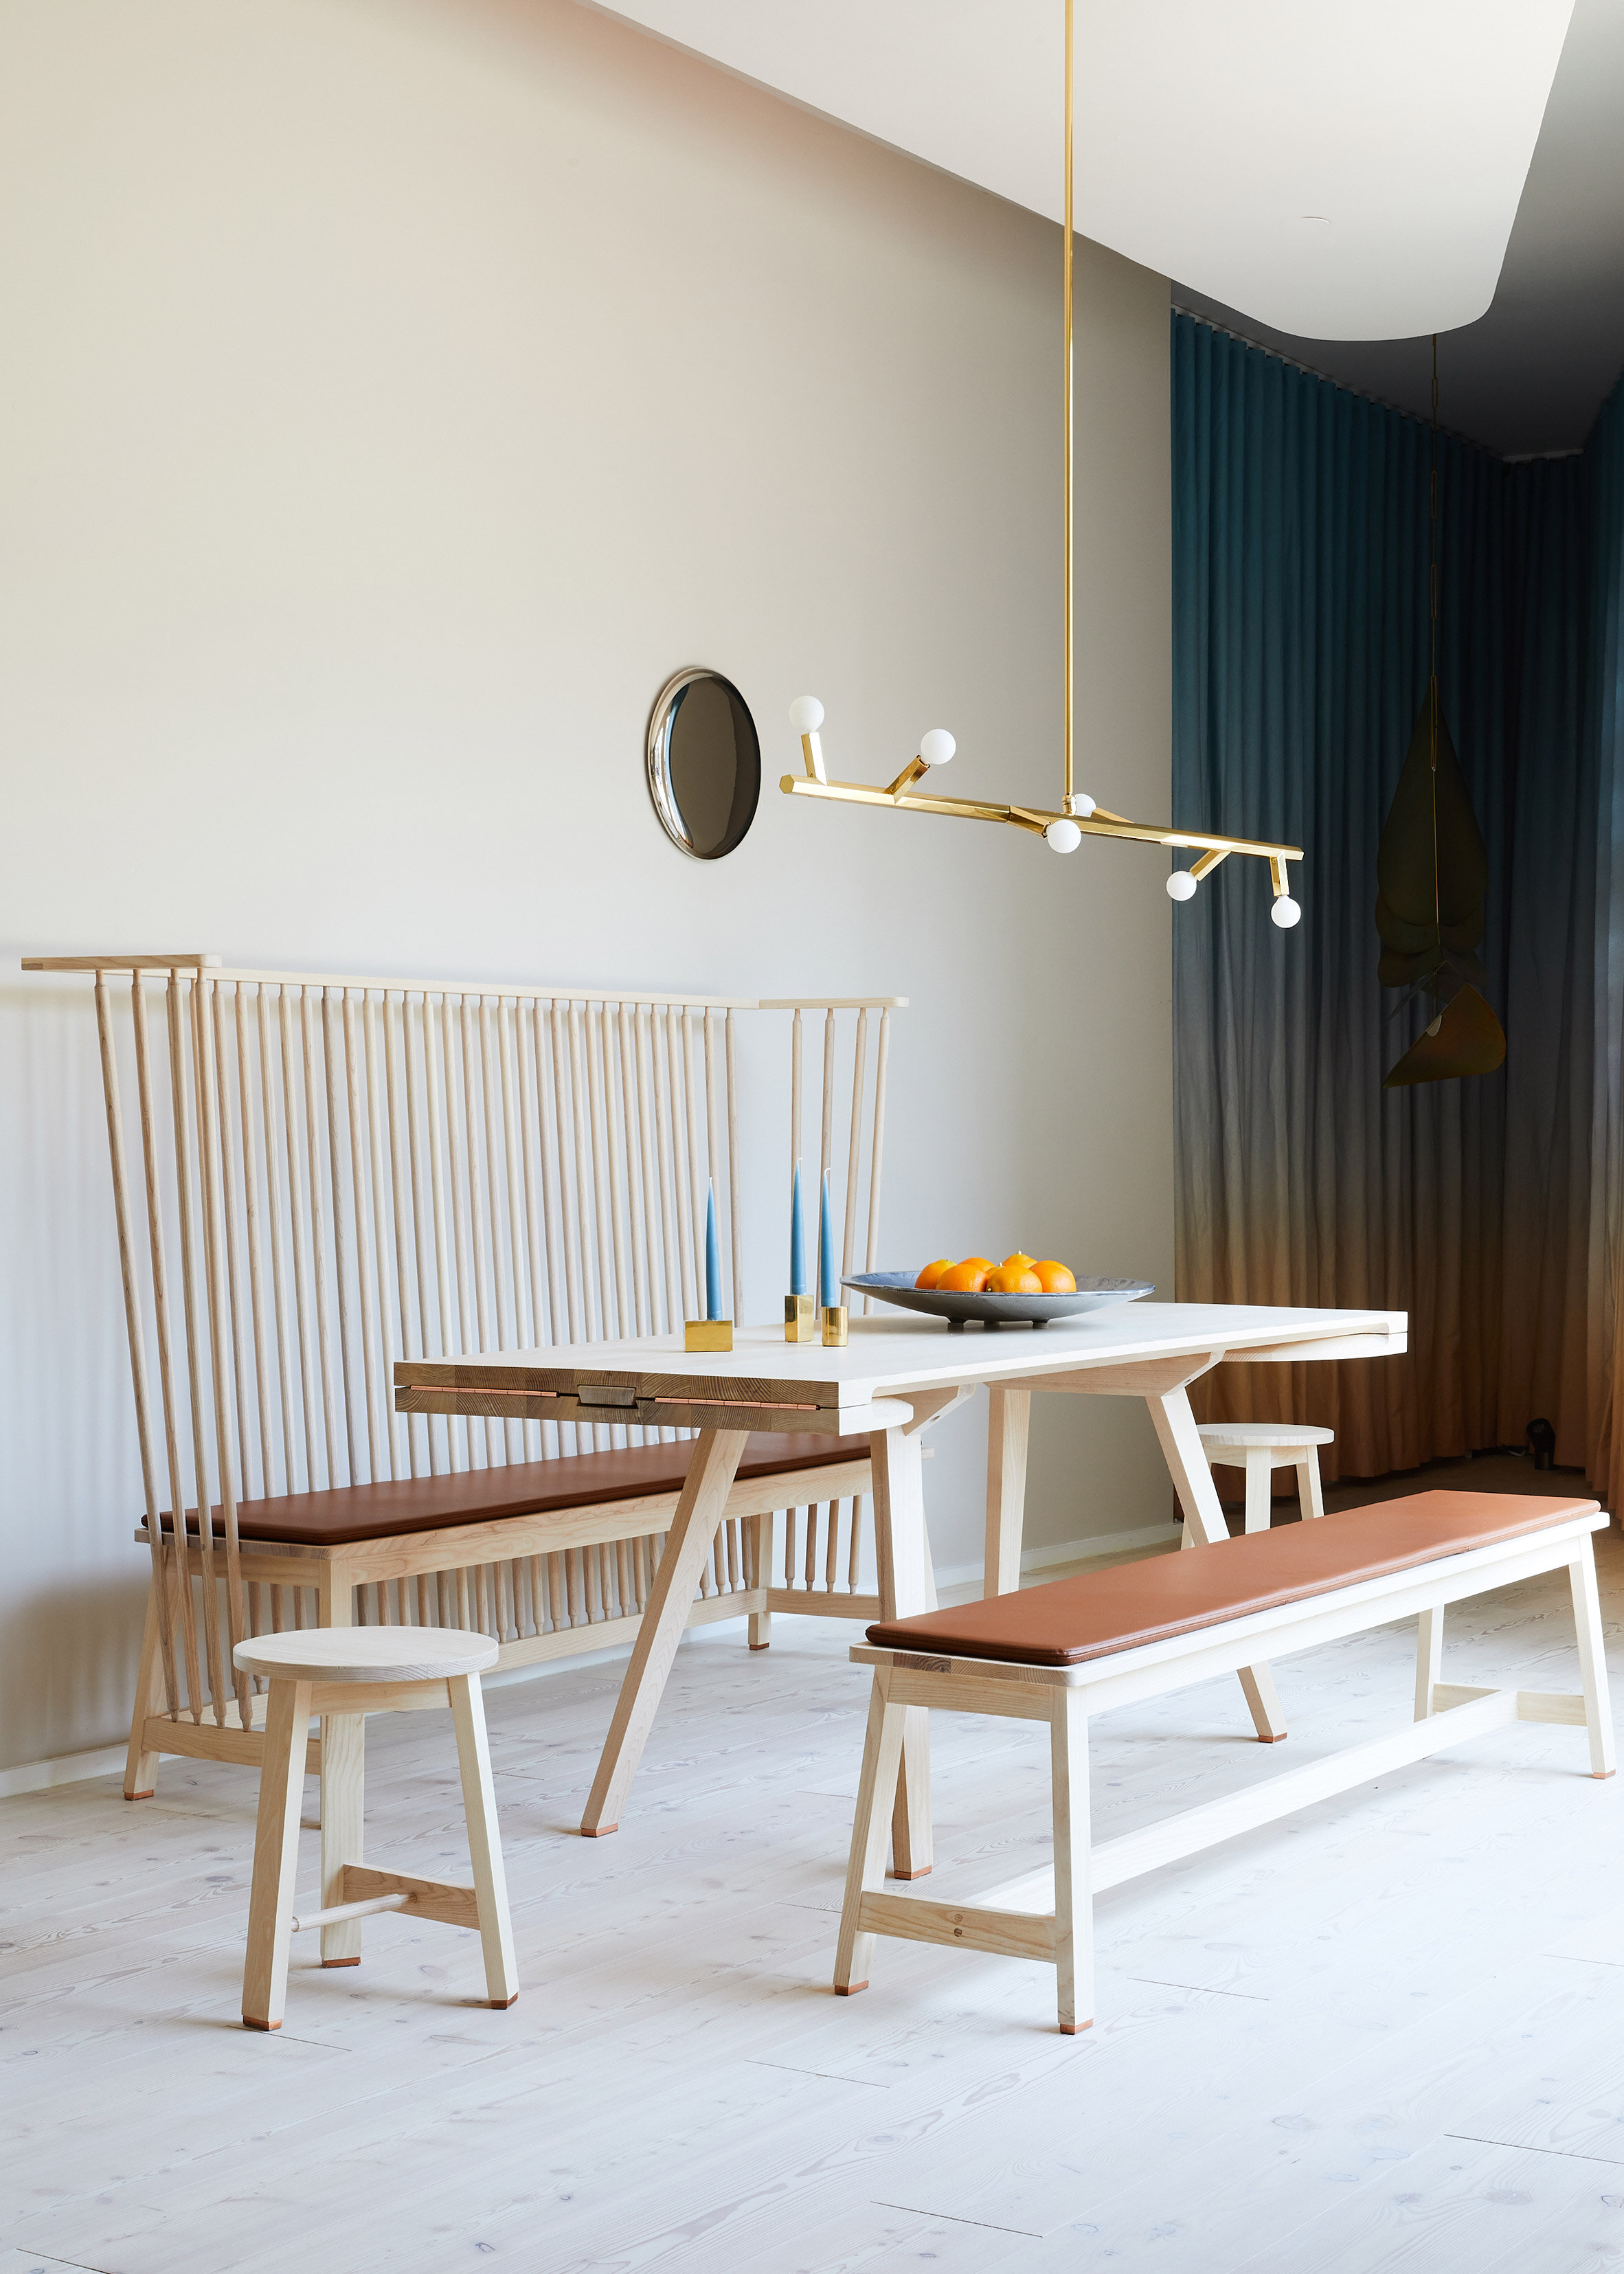 de-la-espada-the-future-perfect-showroom_dezeen_2364_col_31.jpg